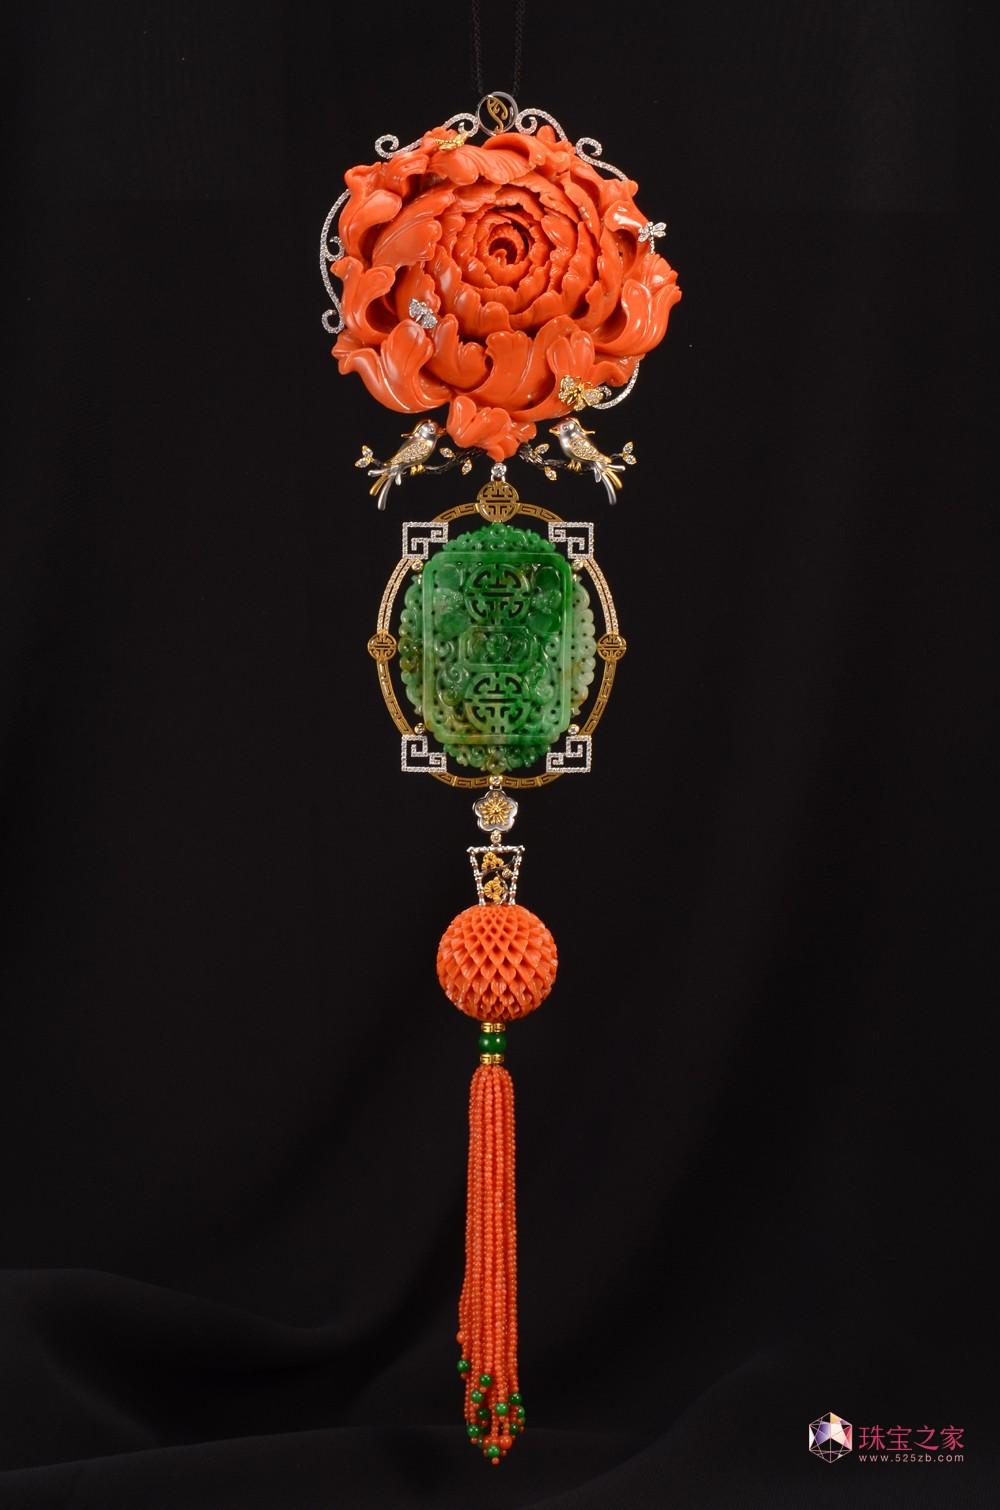 王月要珠宝艺术 璀璨之美 闪耀全球